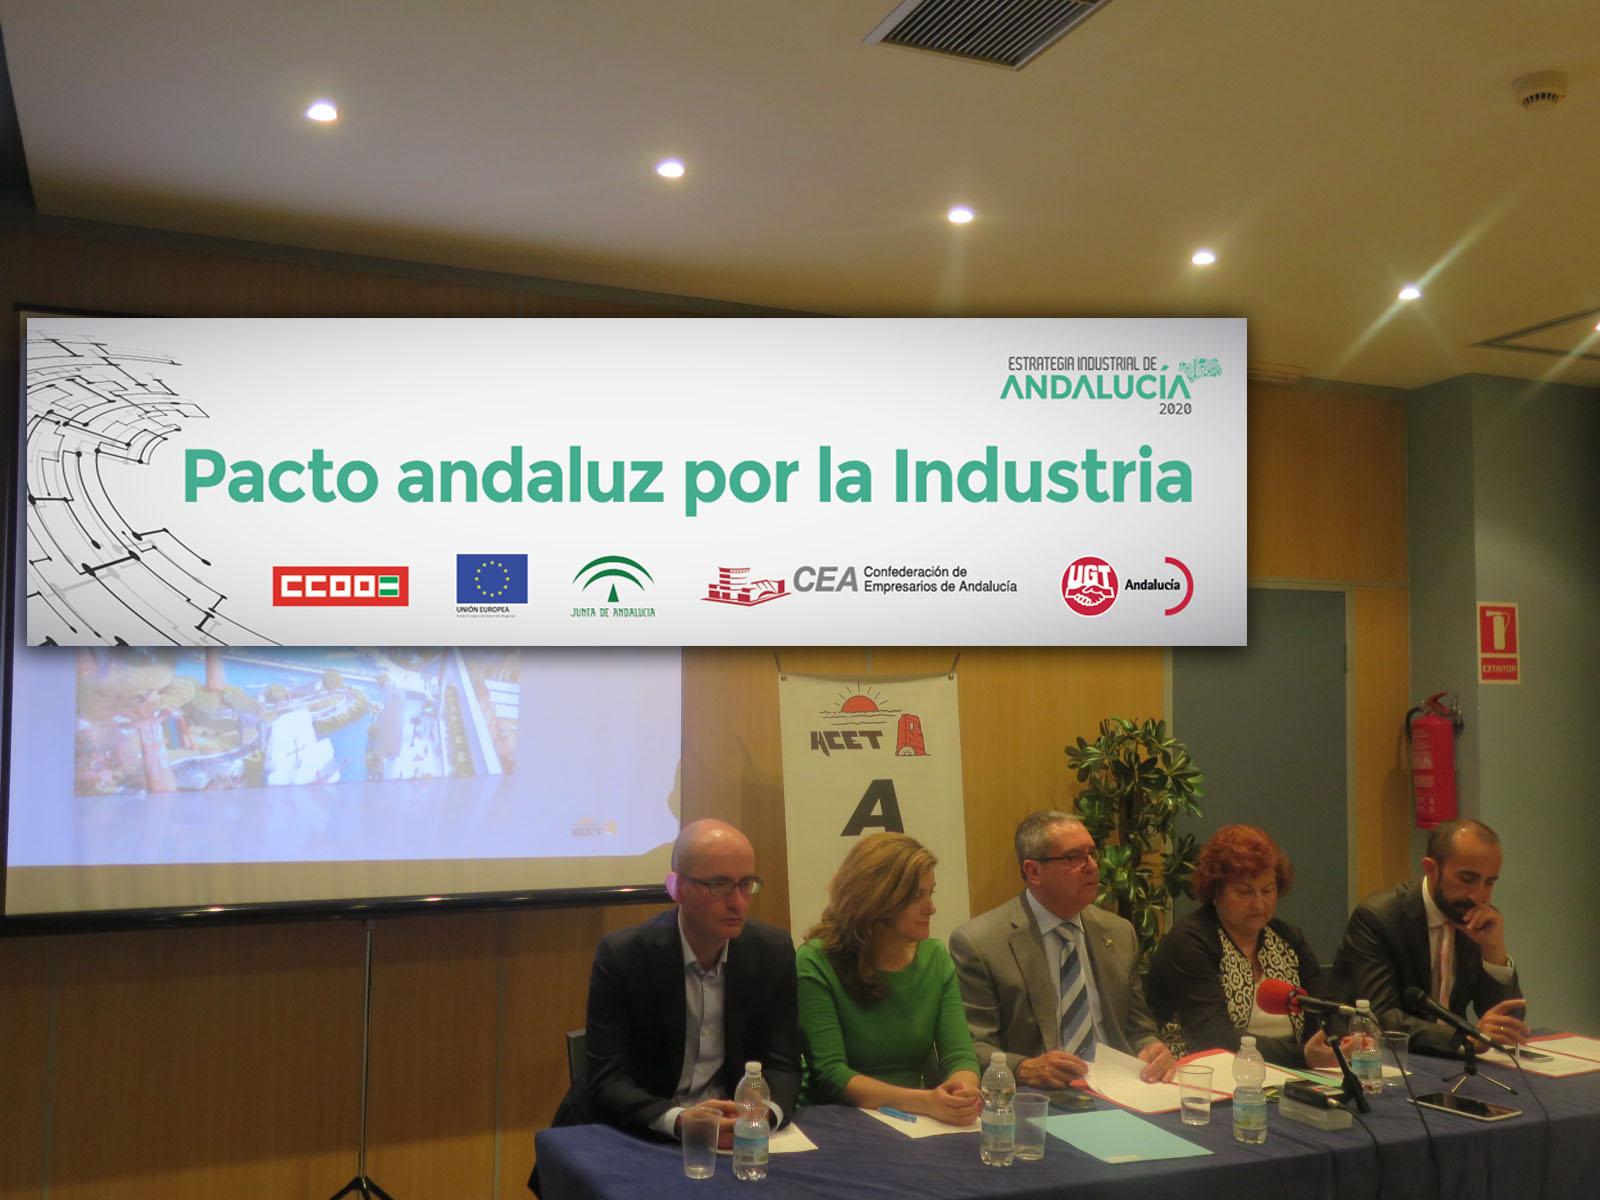 La acet adherida al pacto andaluz por la industria acet for Clinica santa elena torremolinos